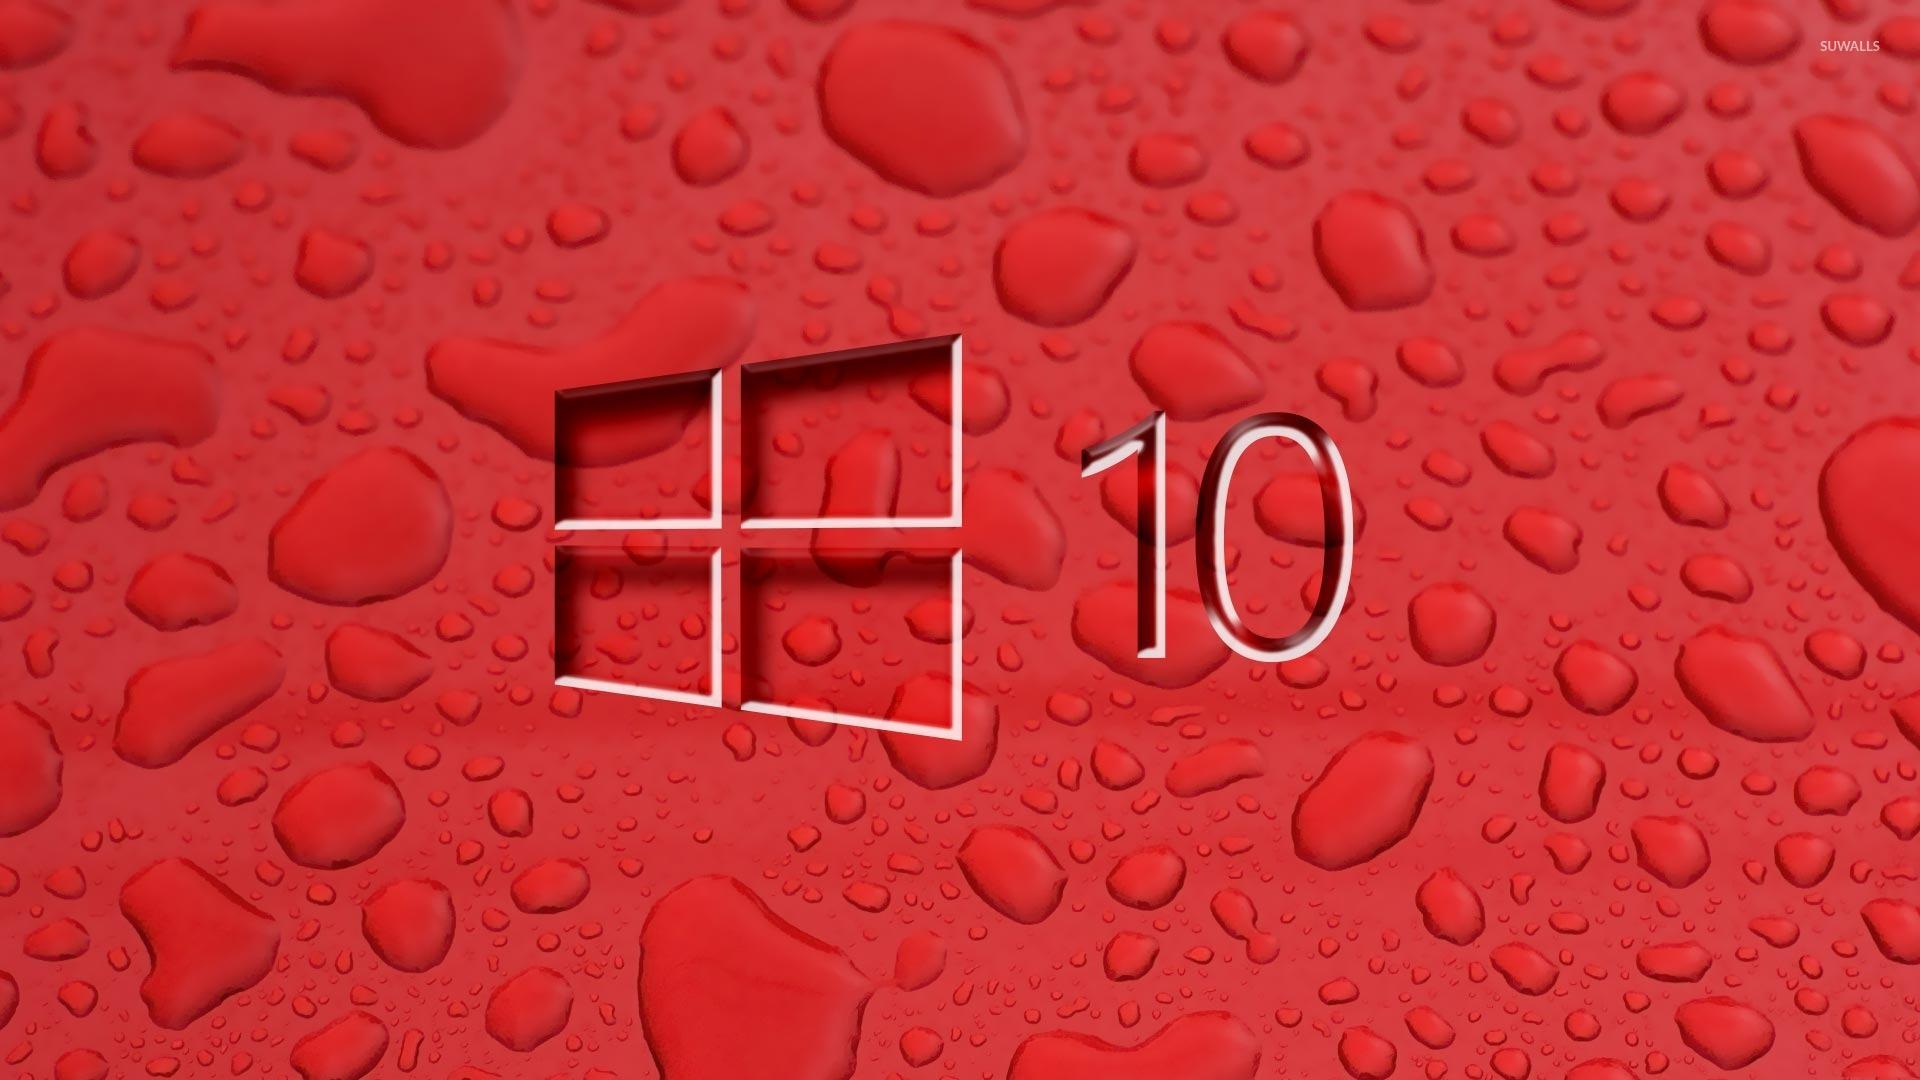 windows 10 wallpaper hd,red,water,font,pattern,carmine